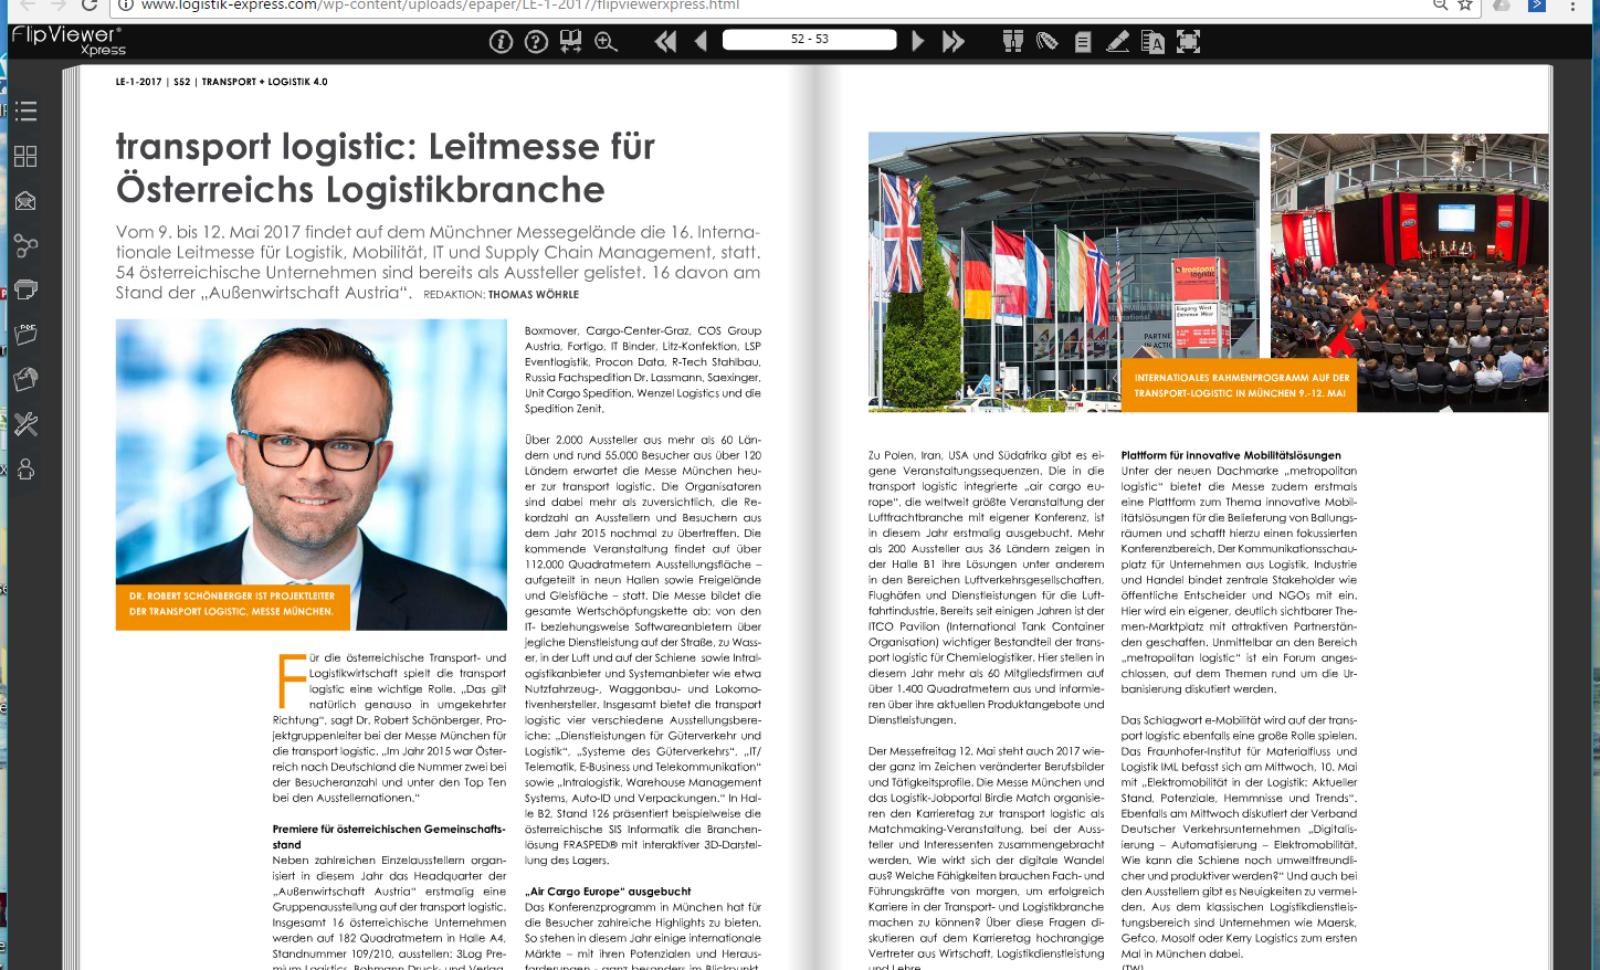 transport logistic München: Leitmesse für Österreichs Logistikbranche